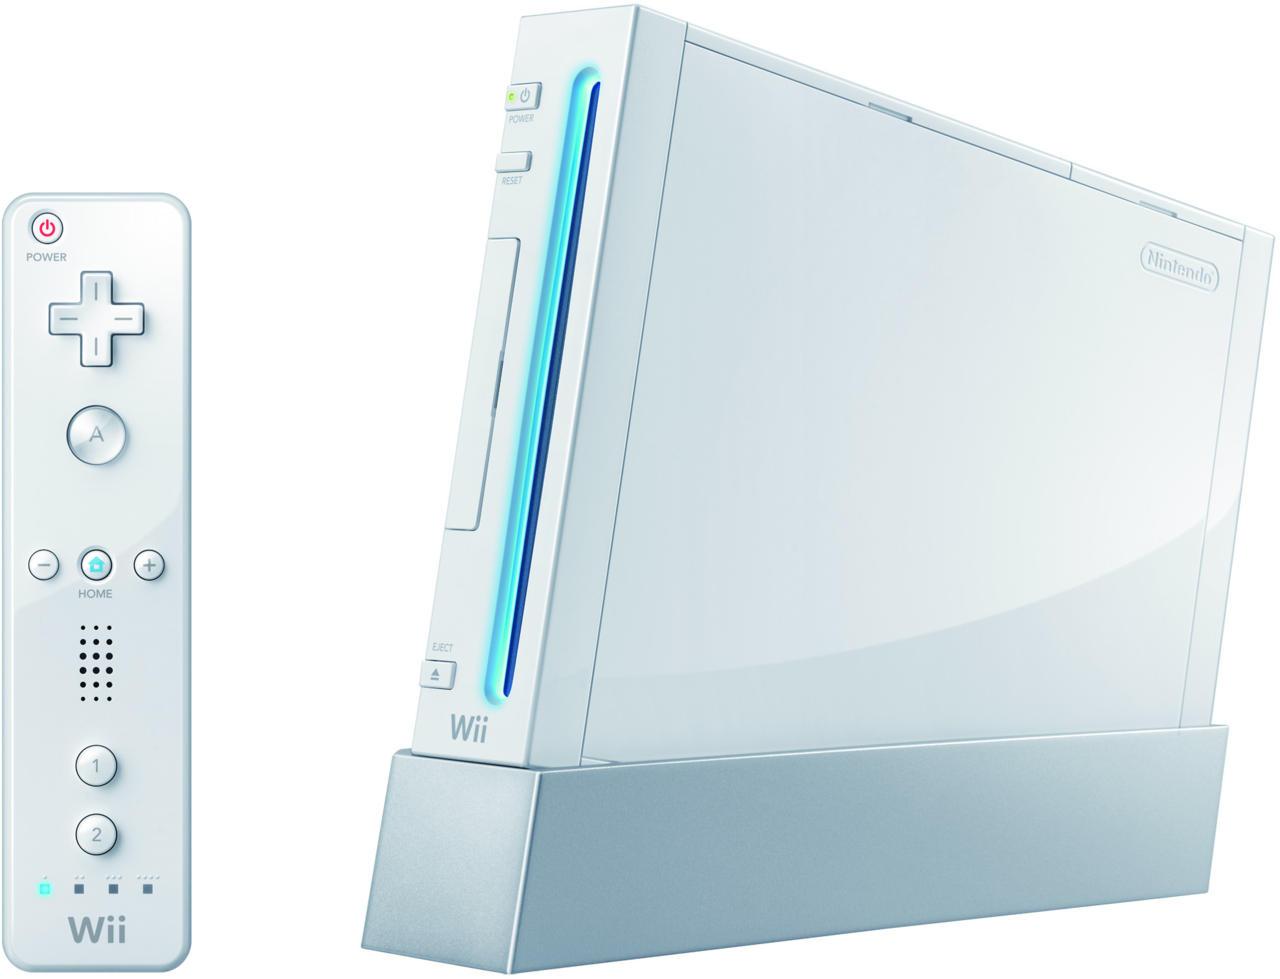 5. Wii